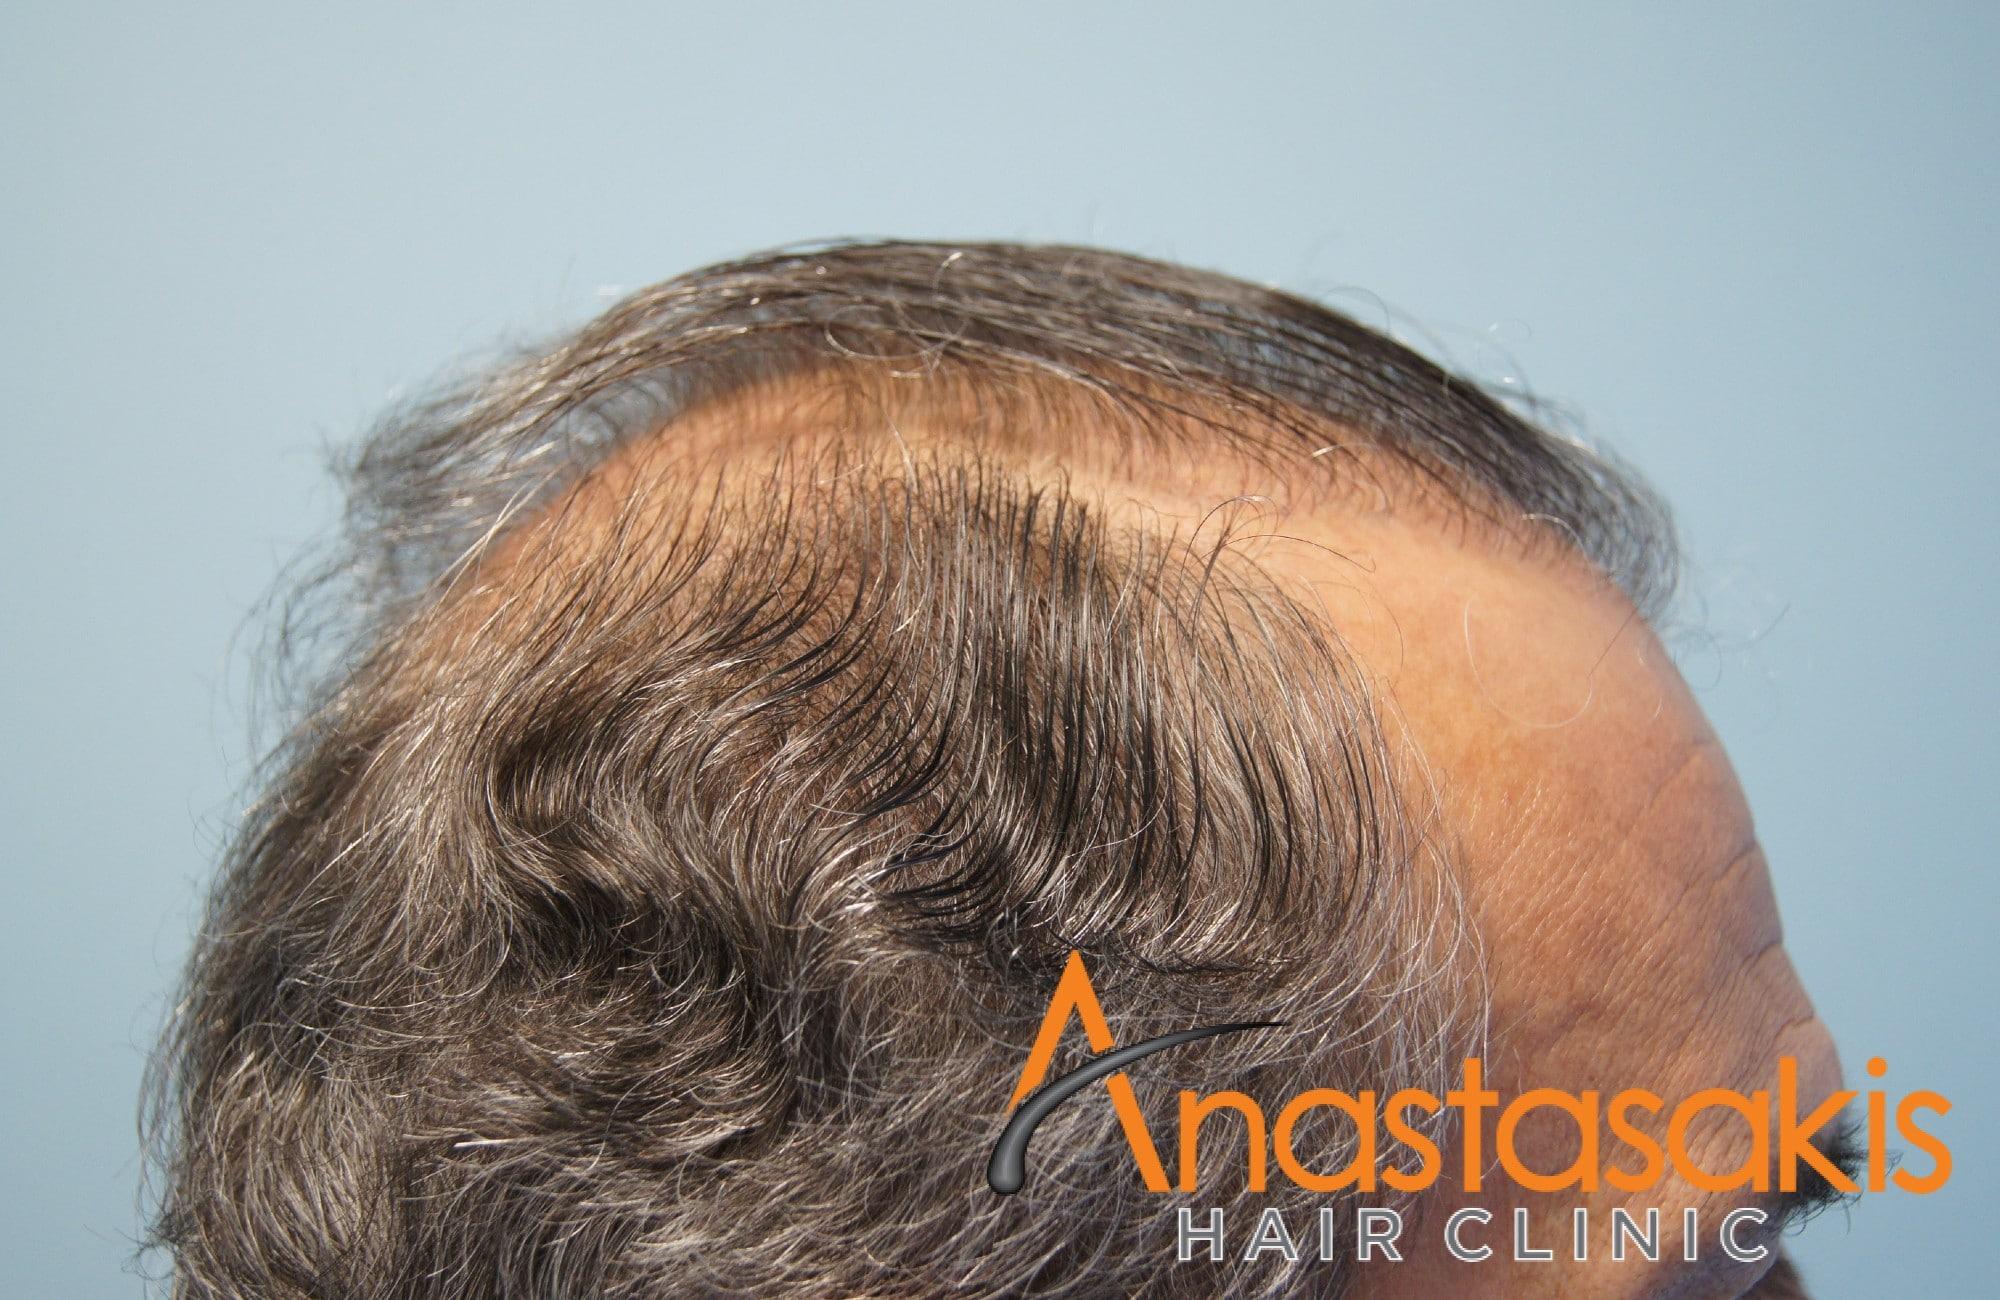 περιστατικο πριν τη μεταμοσχευση μαλλιων με 3964 fus - δεξι προφιλ